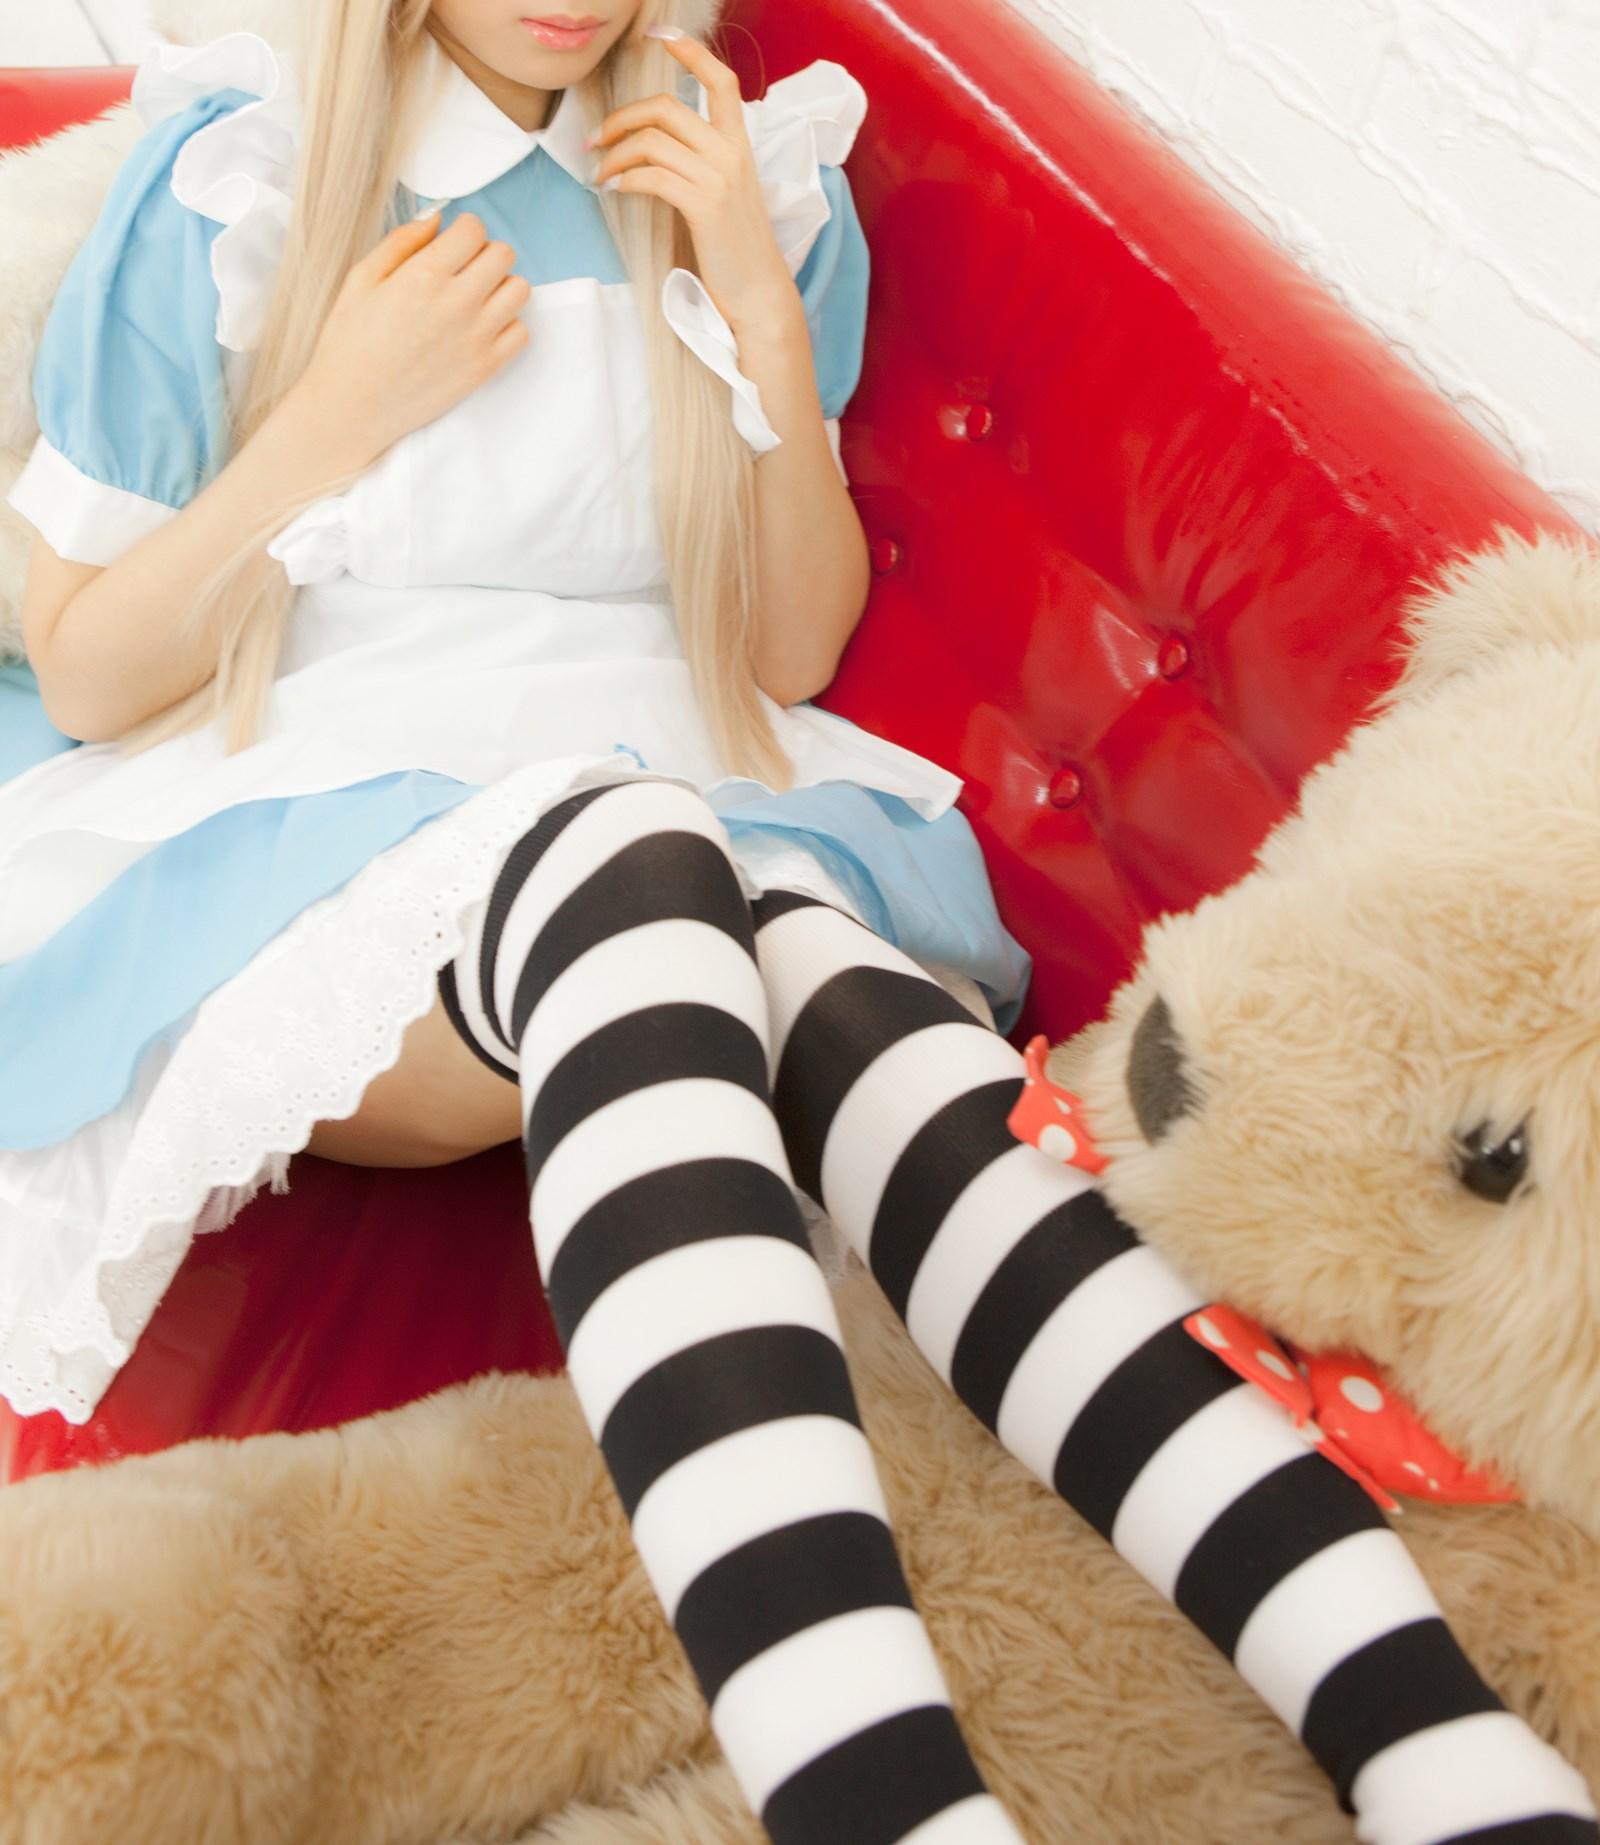 【兔玩映画】爱丽丝少女 兔玩映画 第2张